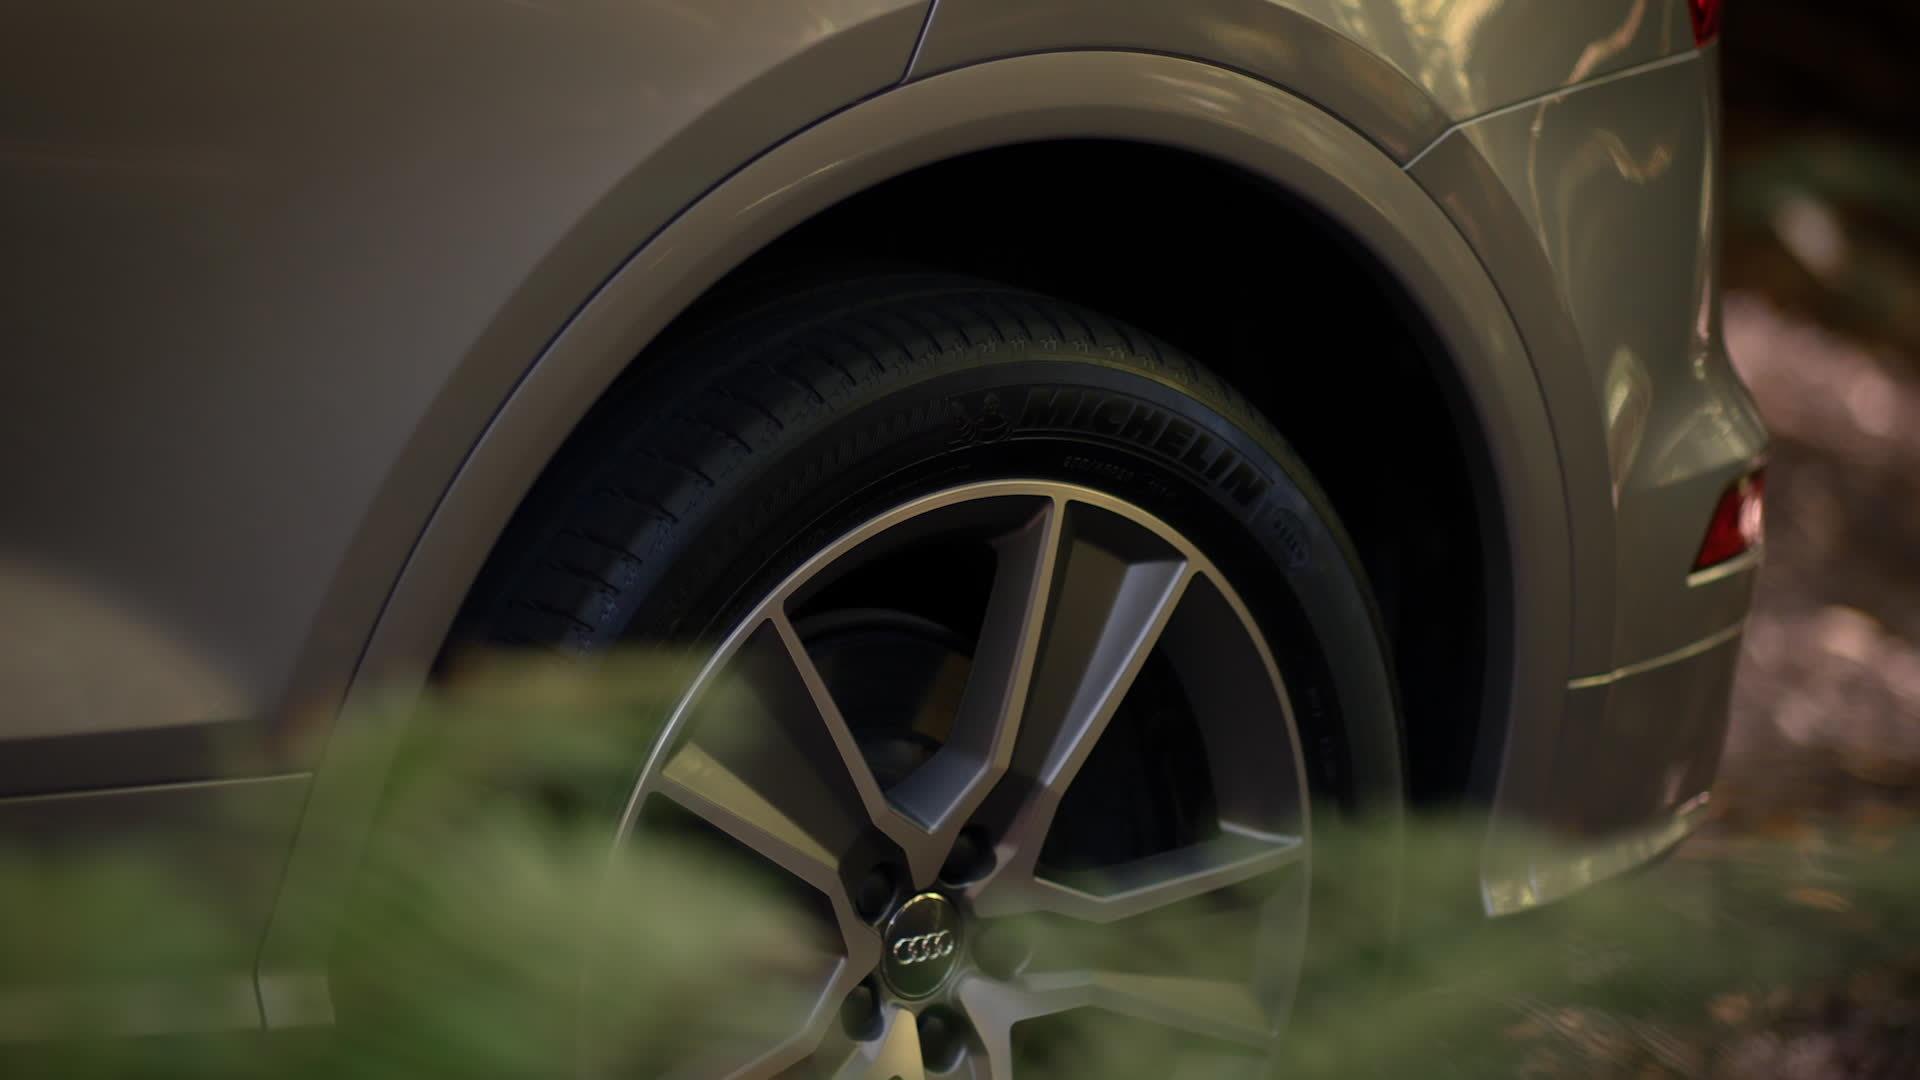 Audi Q5 with air suspension